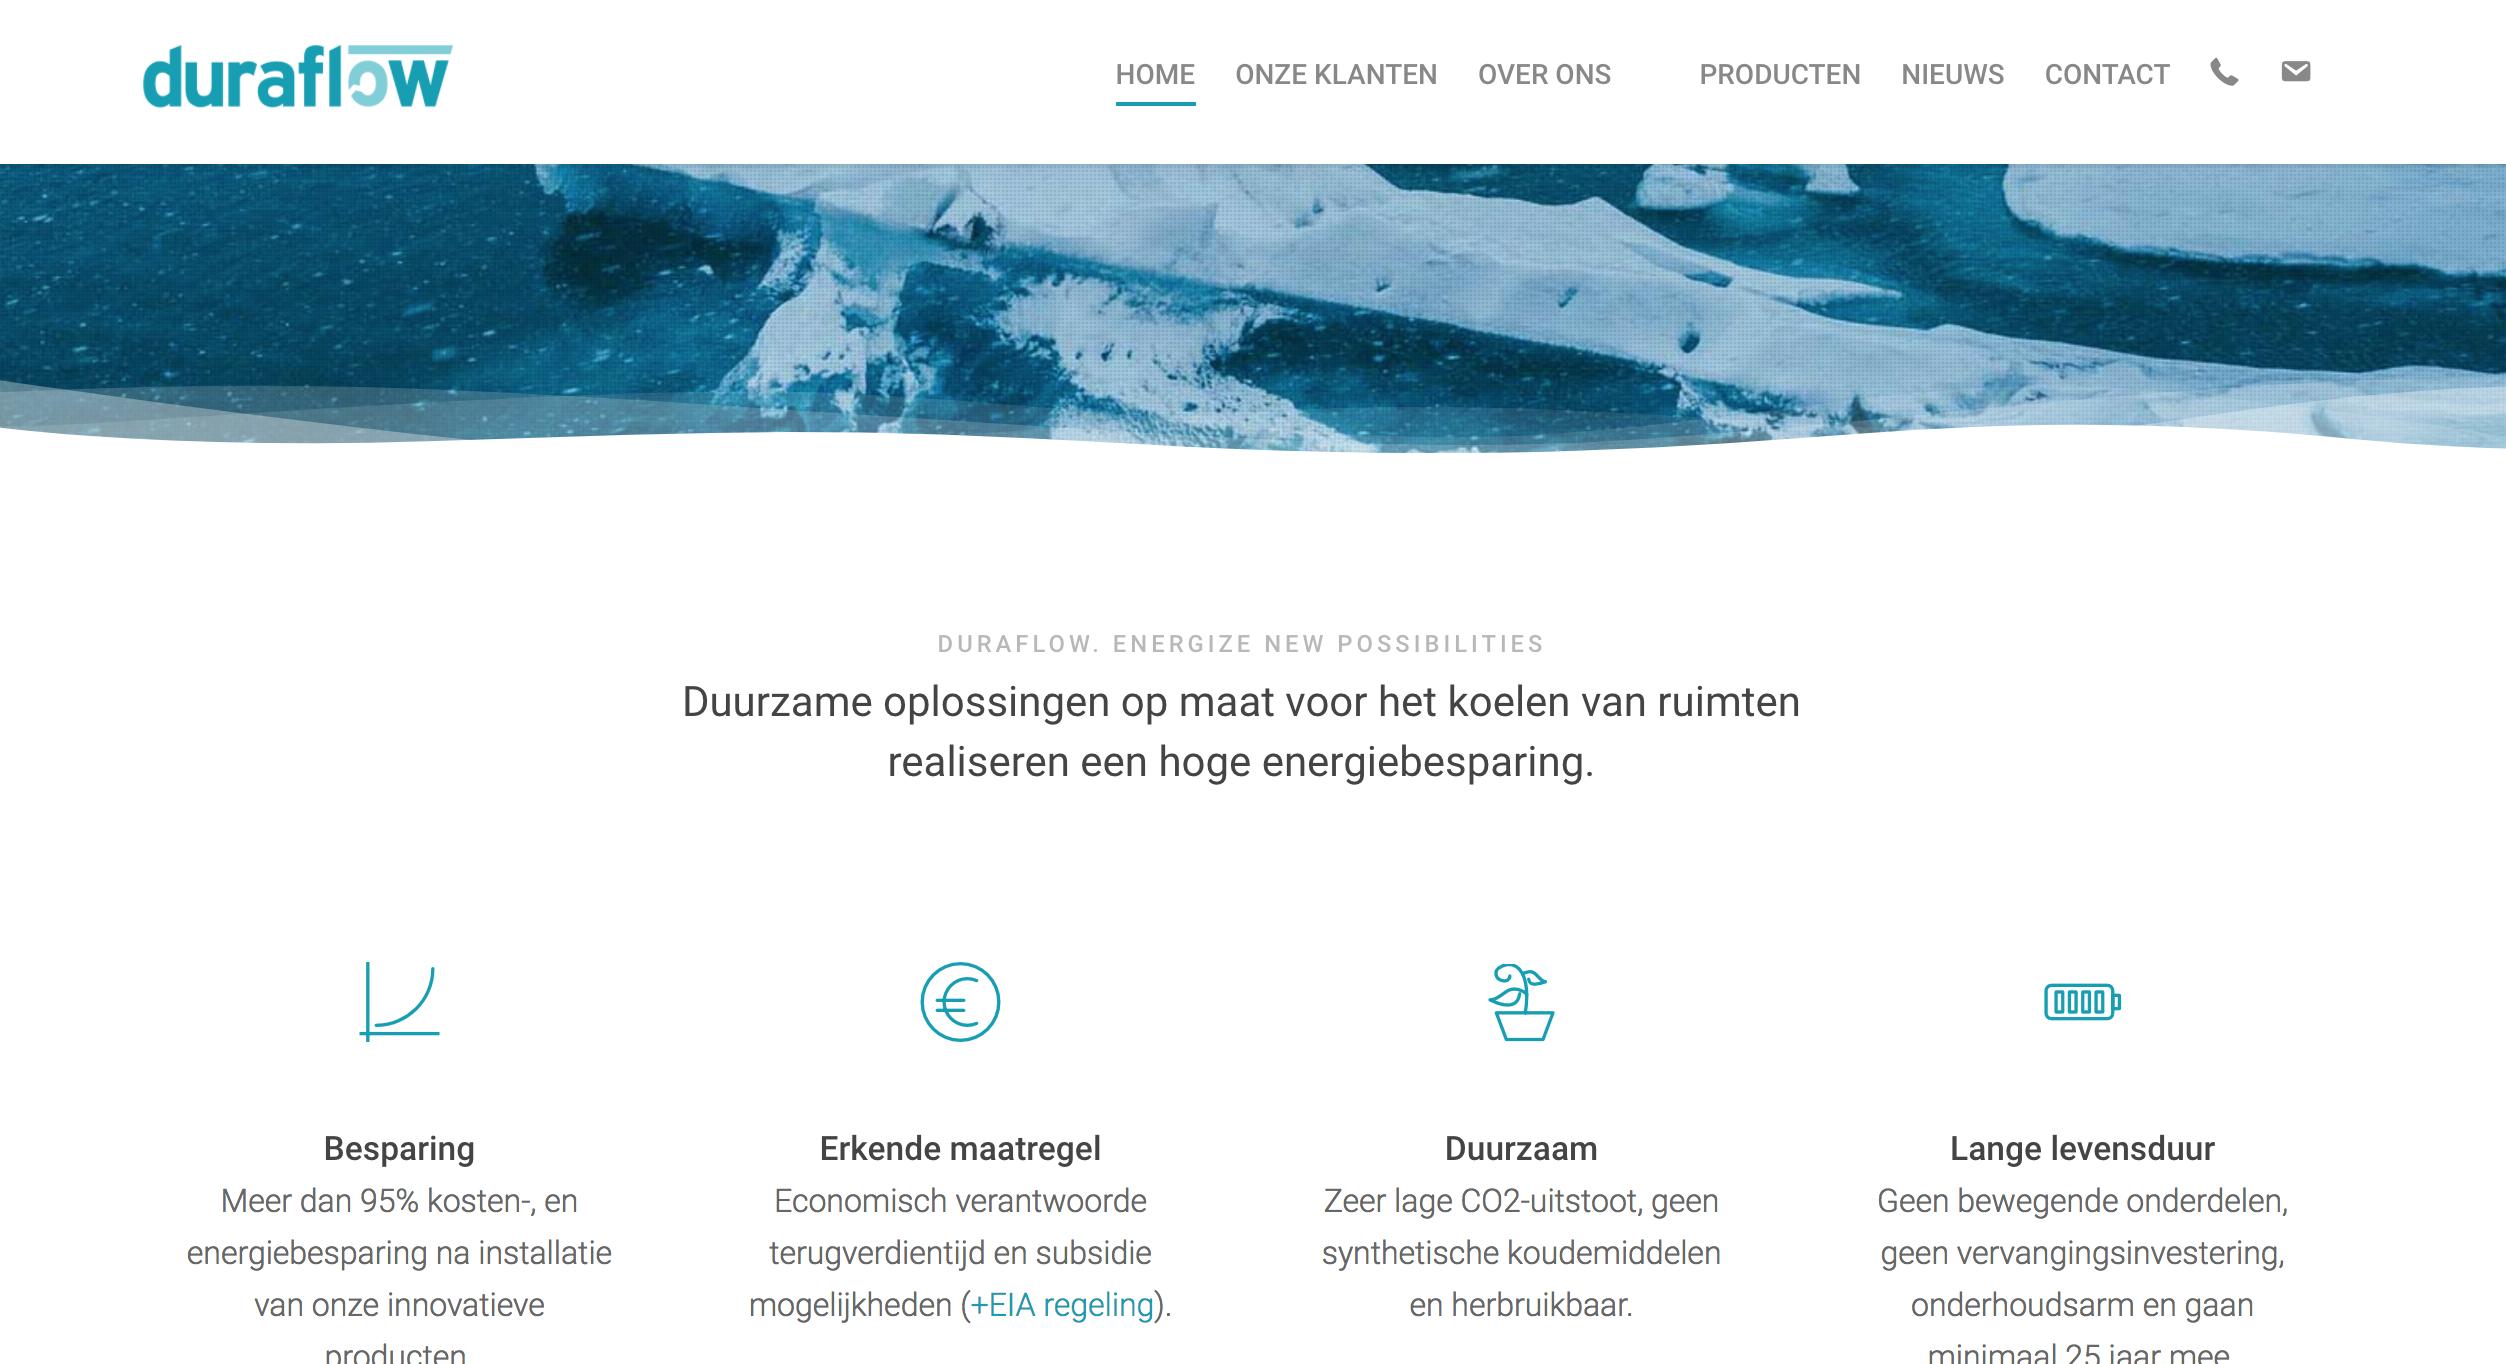 Duraflow lanceert nieuwe website